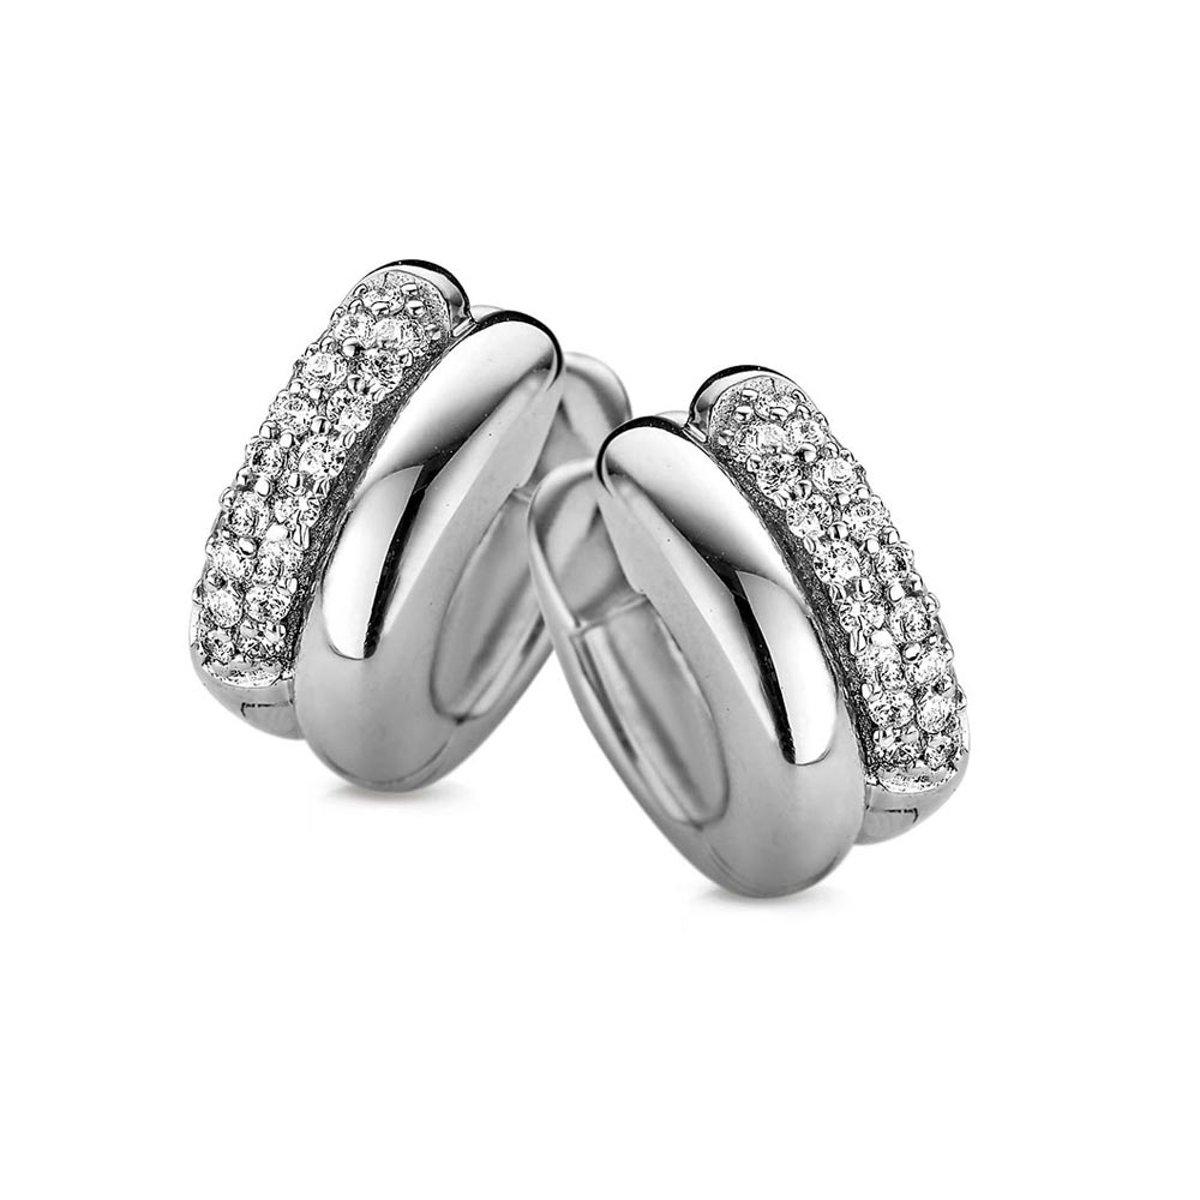 New Bling 9NB-0146 - Zilveren oorringen - zirkonia - grootte 15x6 mm - zilverkleurig kopen